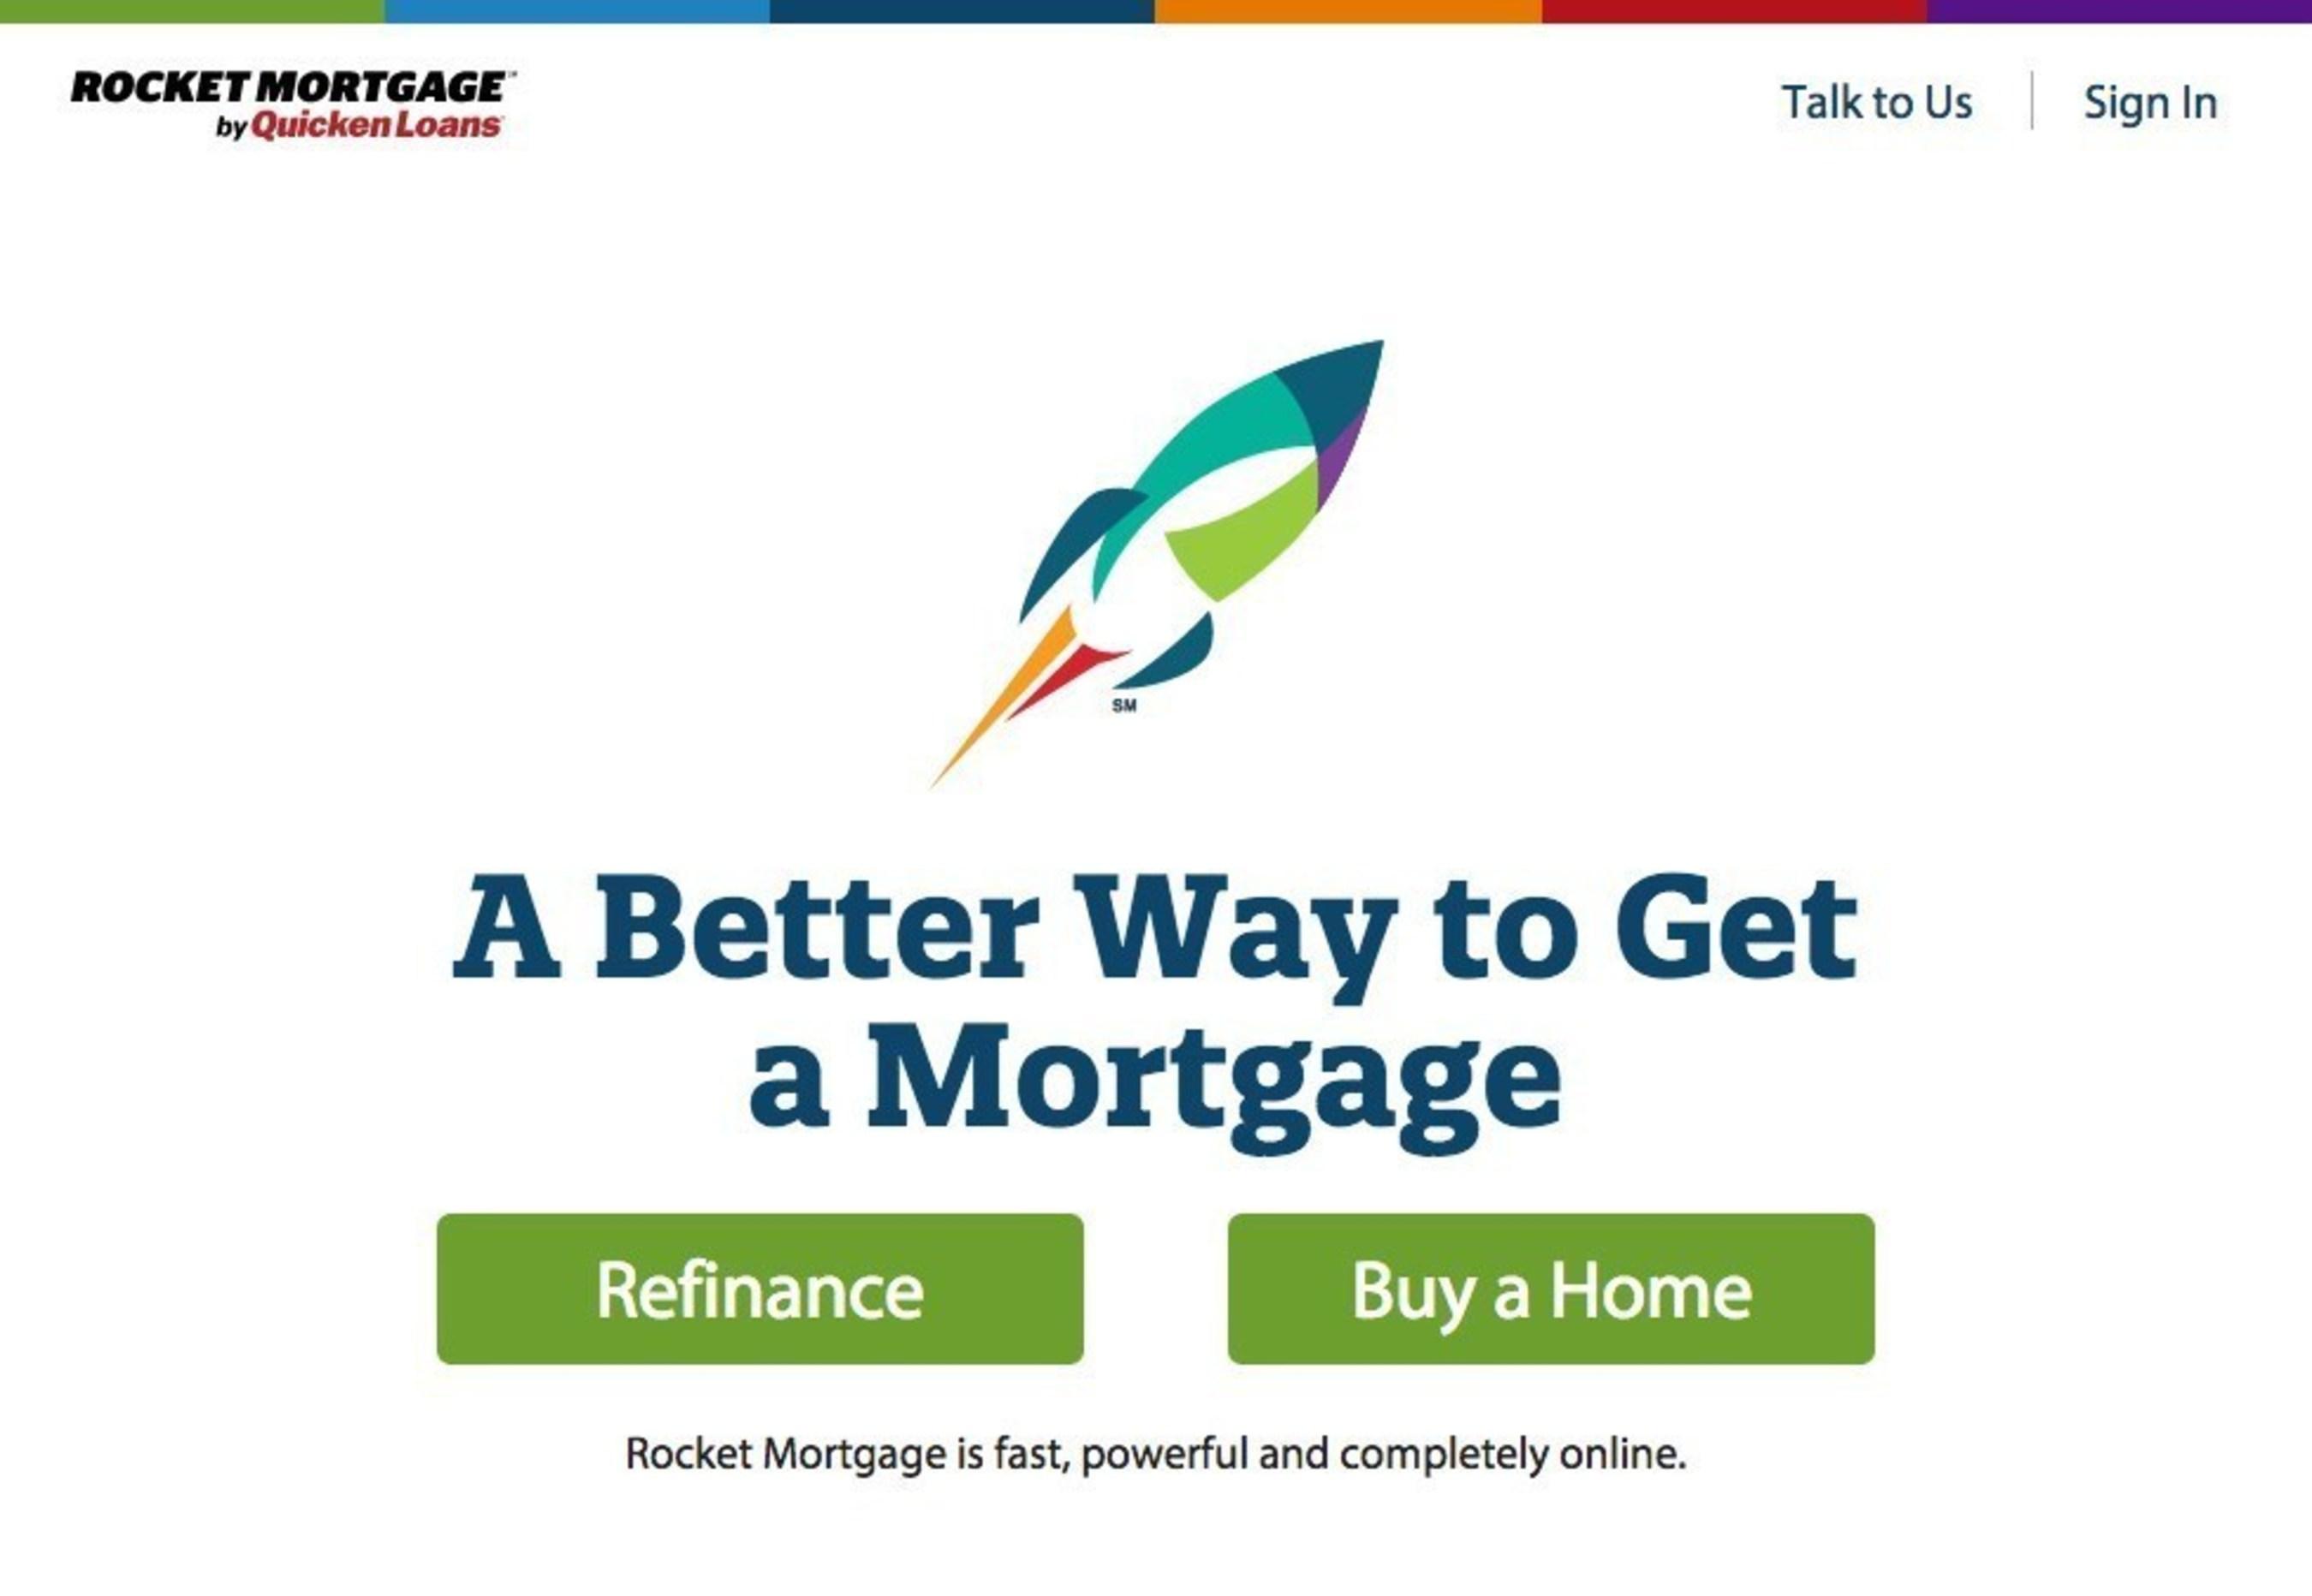 RocketMortgage.com homepage